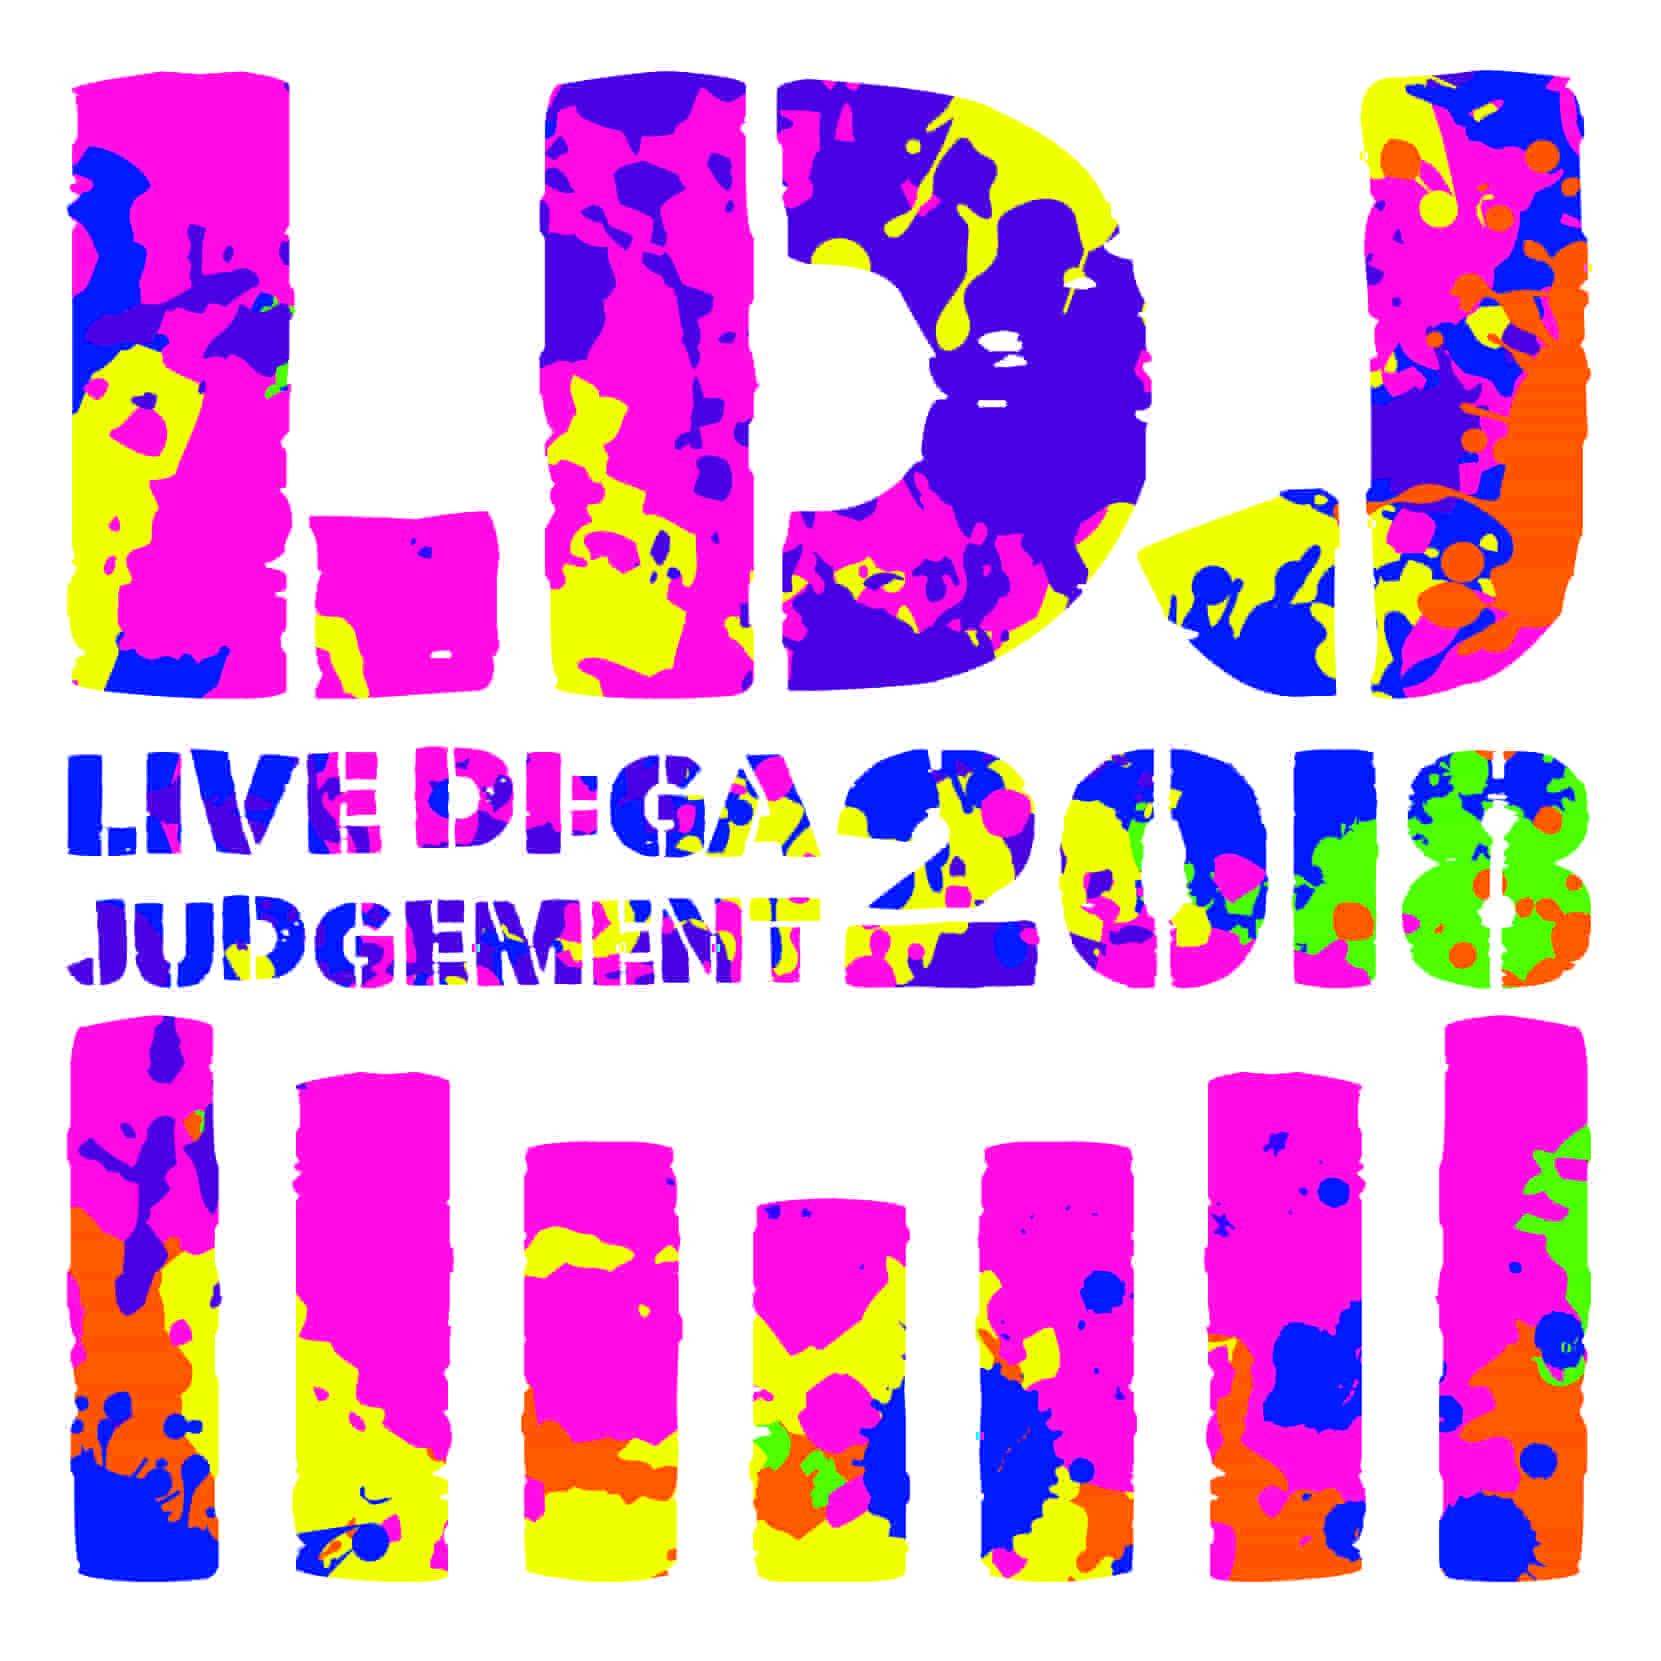 「LIVE DI:GA JUDGEMENT 2018」最終出演アーティスト&タイムテーブル発表